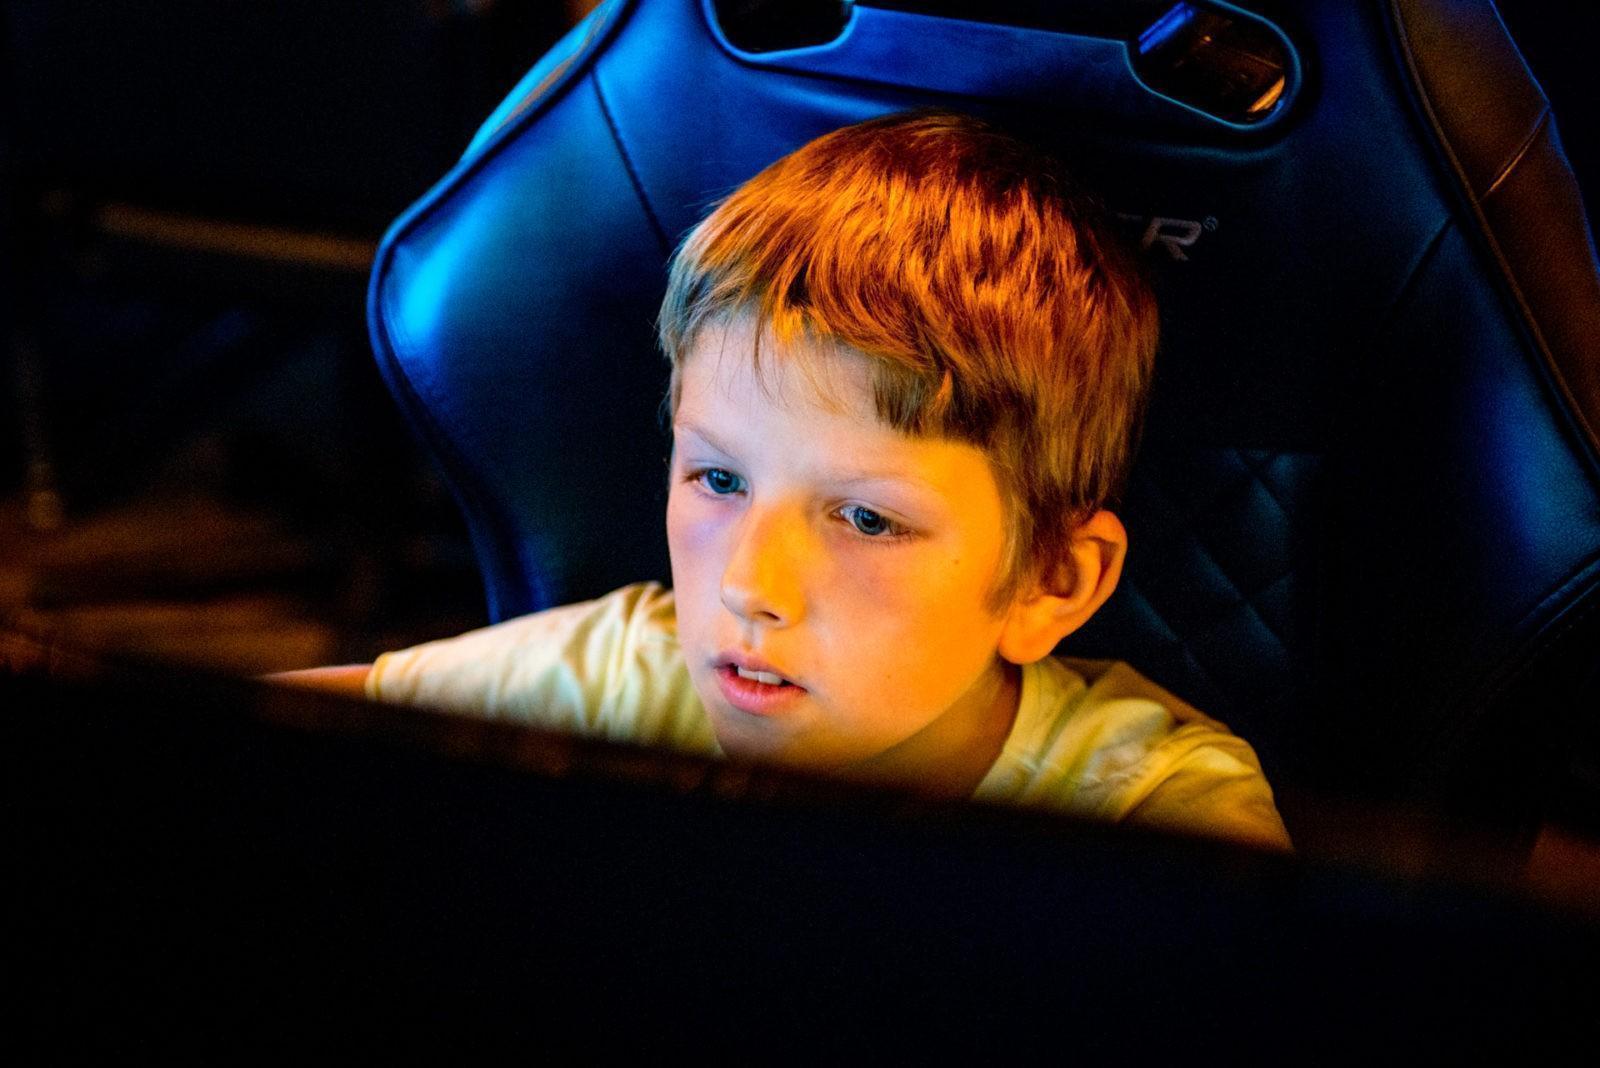 В Москве прошел чемпионат по киберспорту среди уникальных геймеров 2